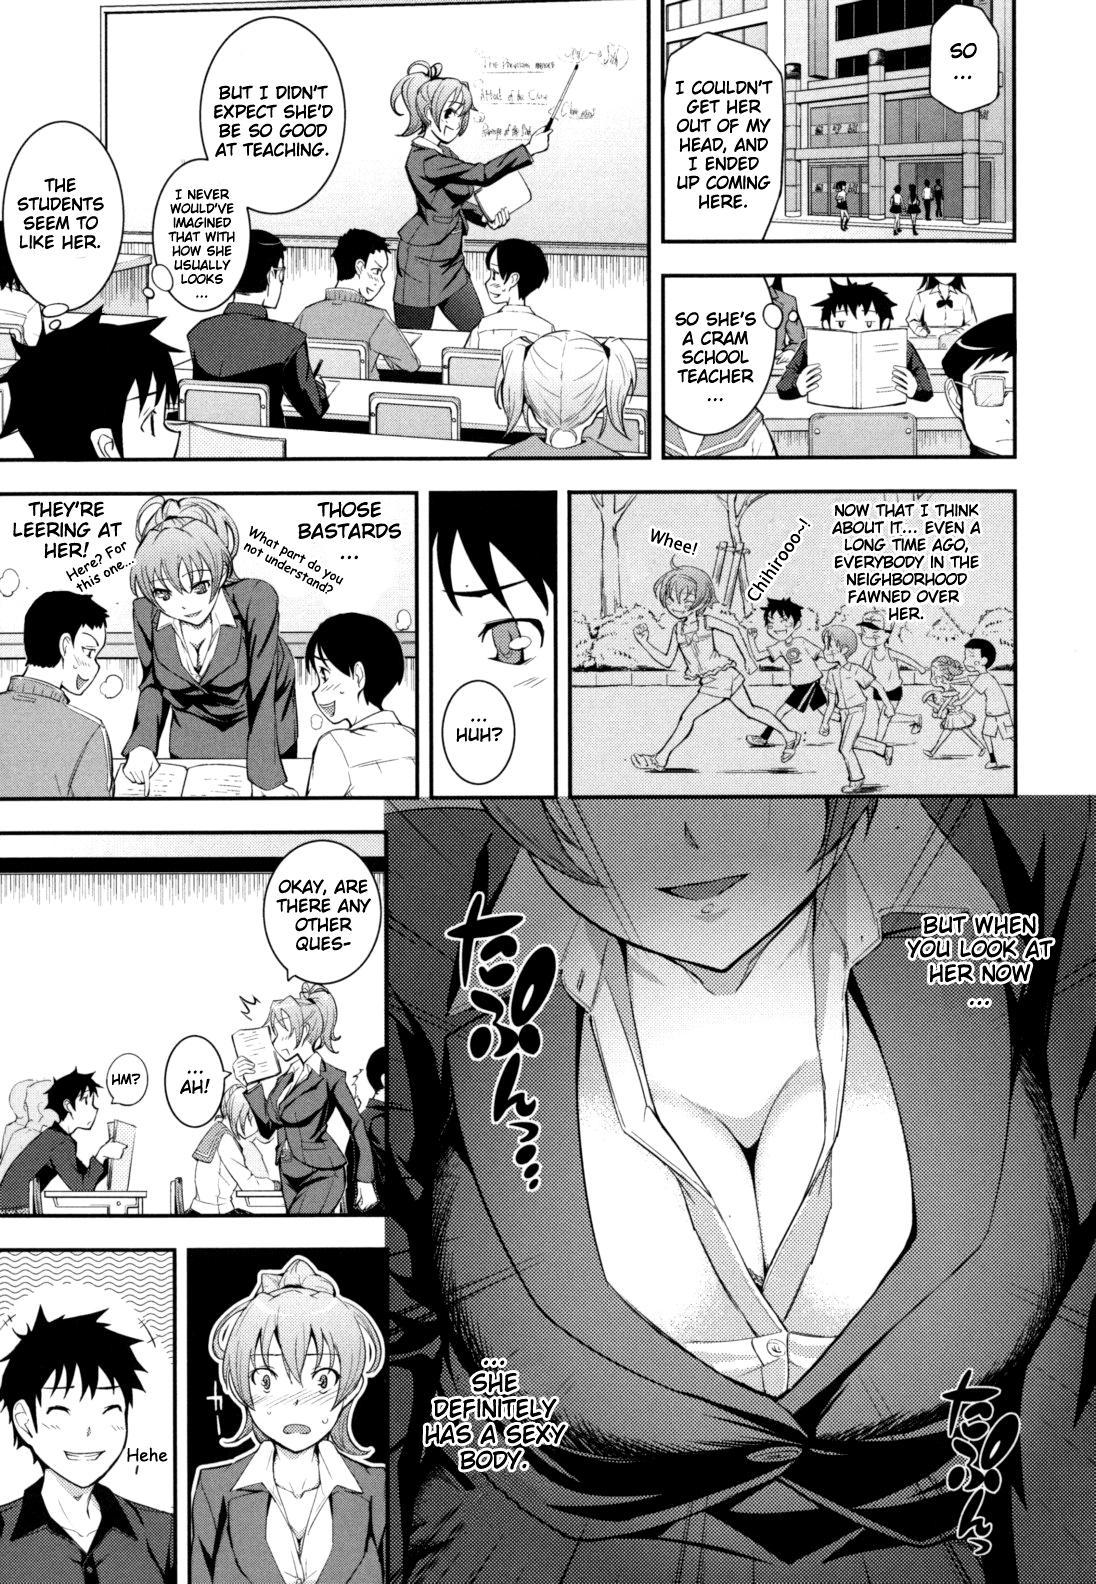 Boku no Watashi no Shitai Koto!   What You and I Want to do Together 110